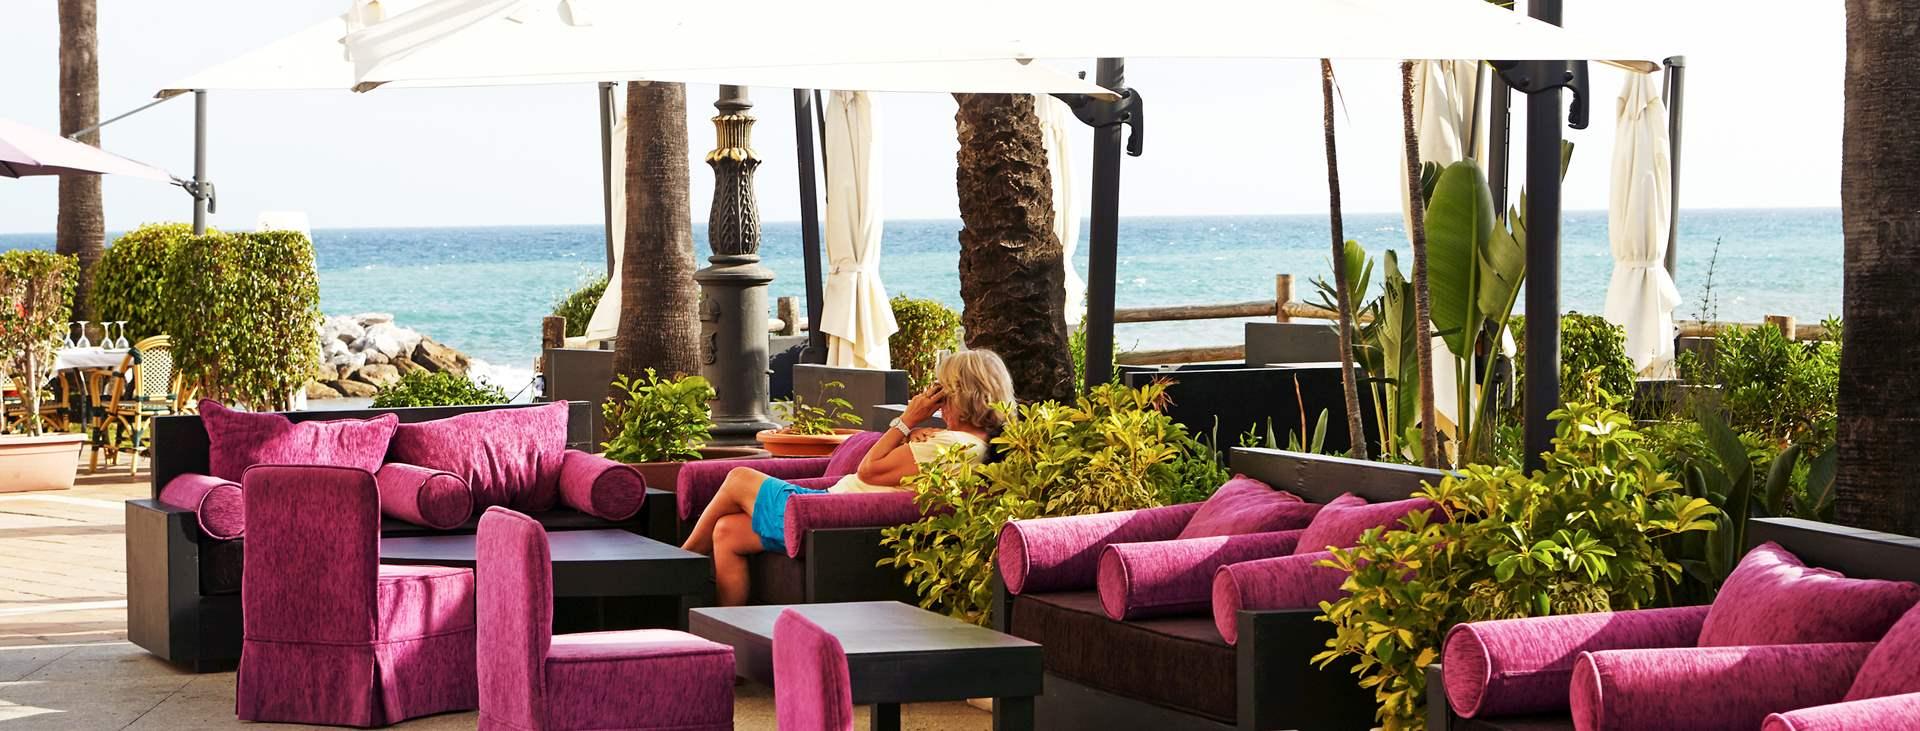 Bestill en reise med Ving til Marbella på Costa del Sol